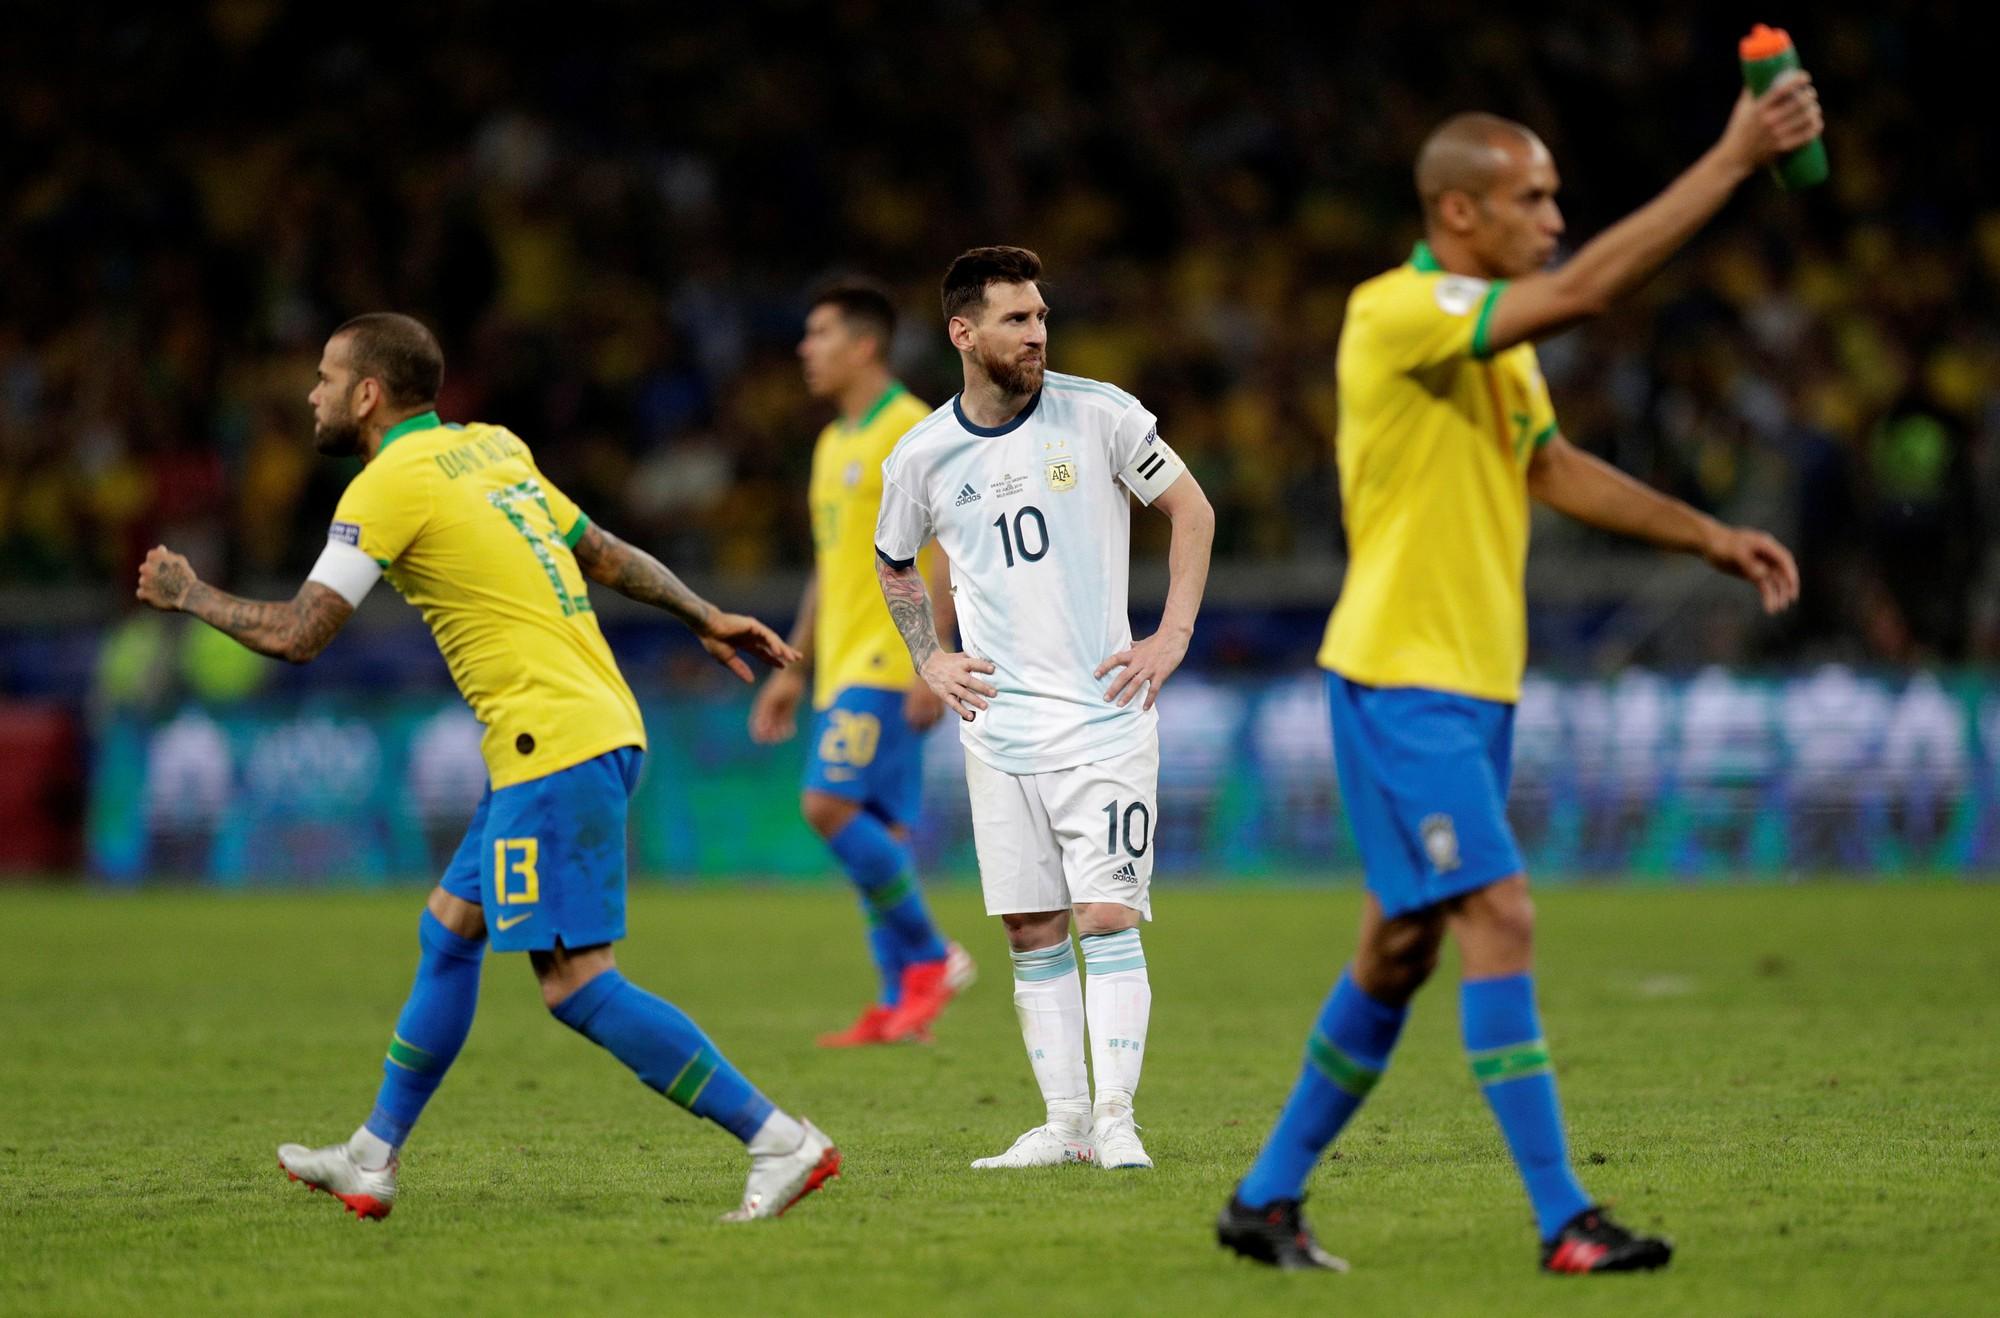 Nhà cầm quân Brazil không phục trước kết quả trận đấu